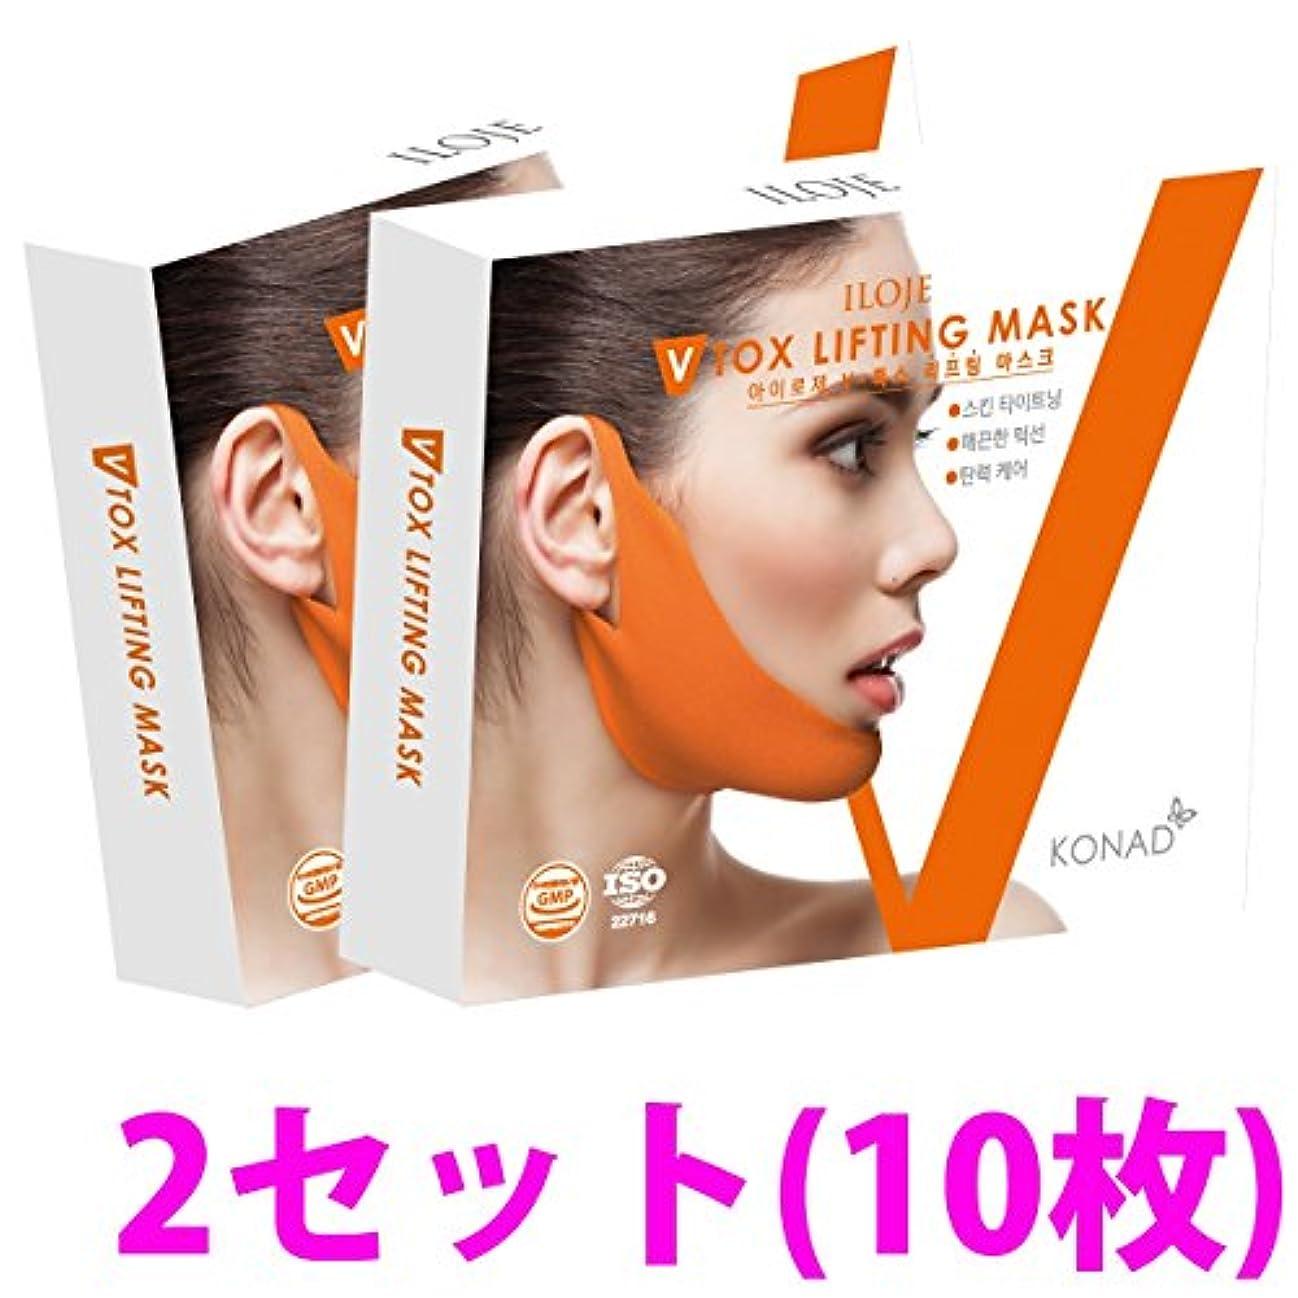 サーキュレーション線形結婚した女性の年齢は顎の輪郭で決まる!V-TOXリフティングマスクパック 2セット(10枚)